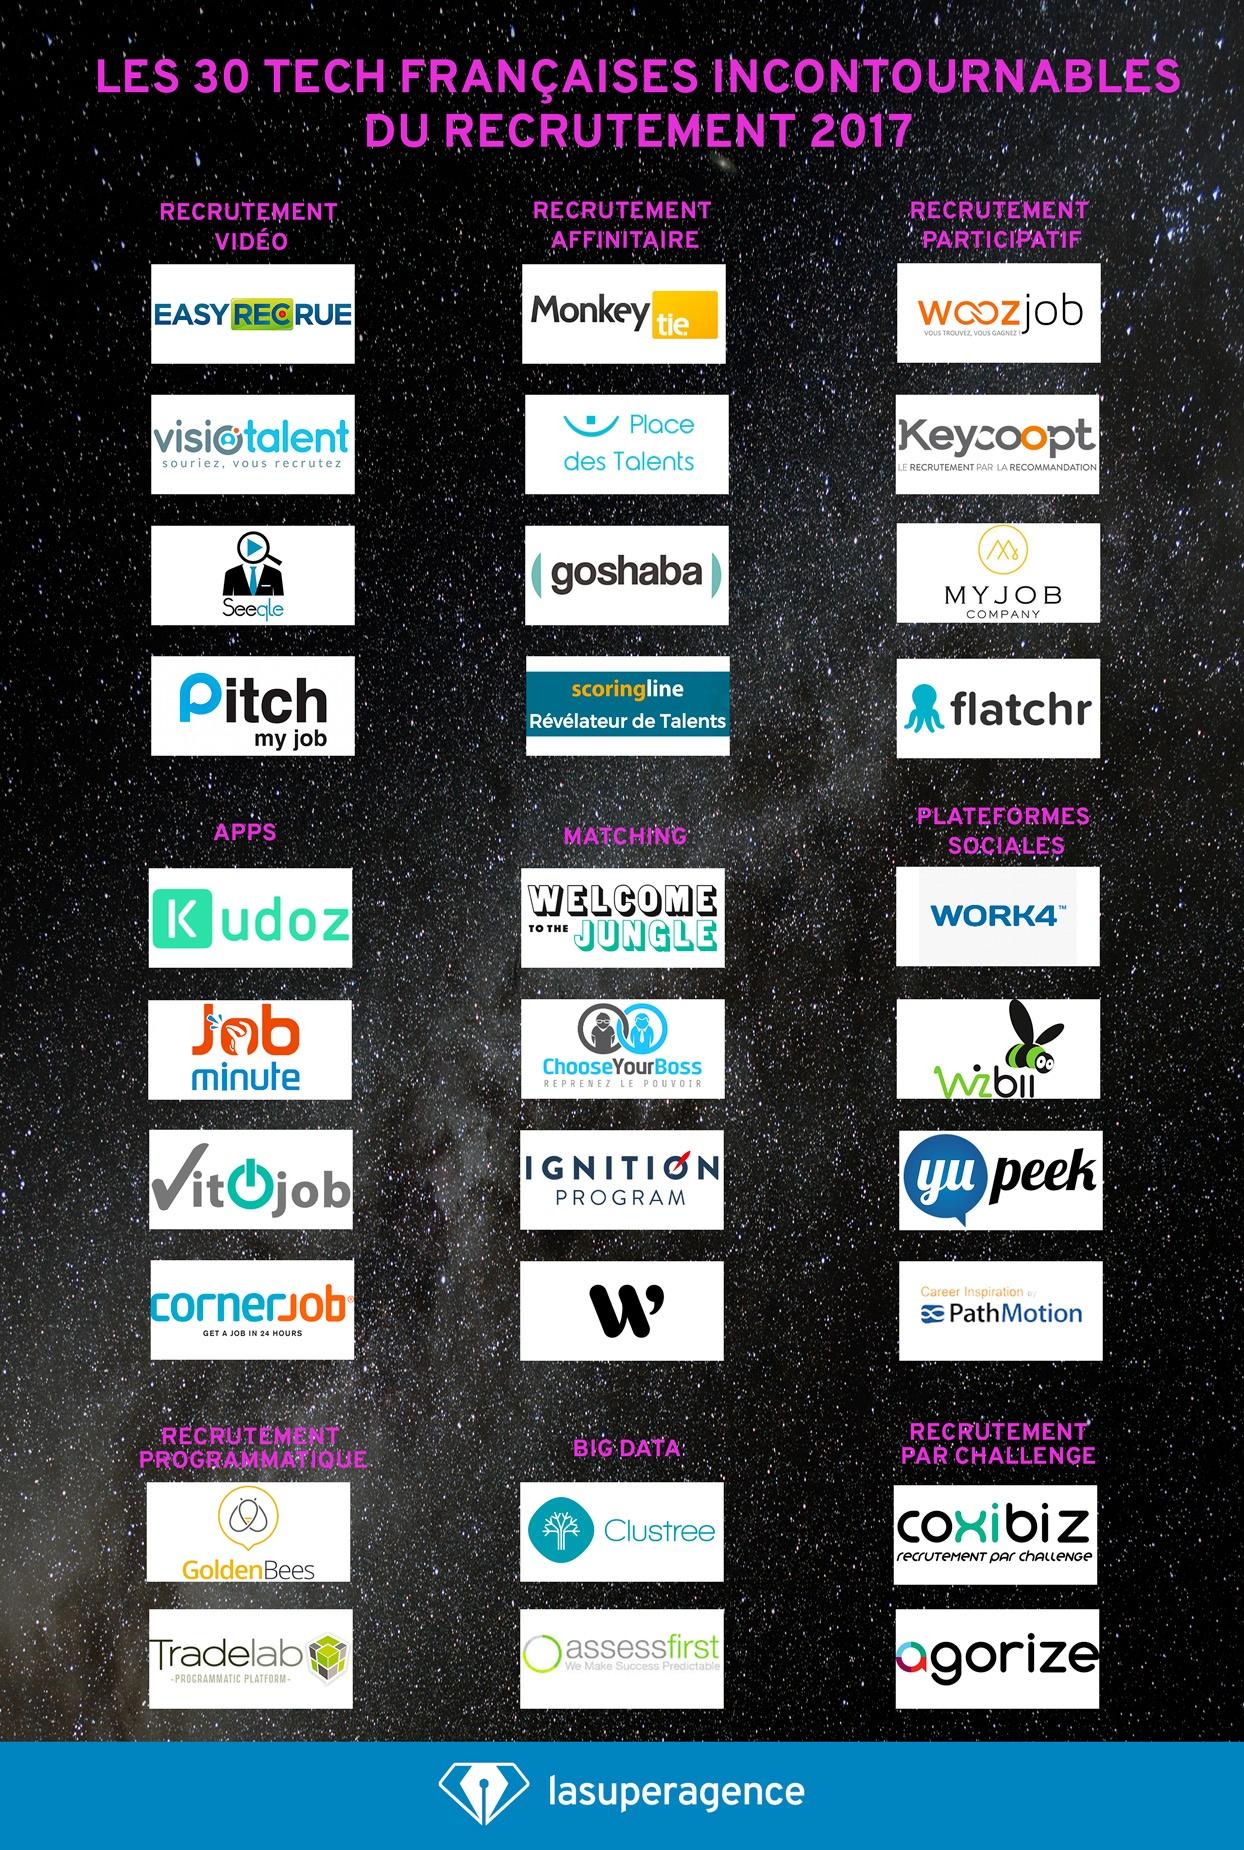 Recrutement digital 2017: Les 30 tech françaises les plus innovantes